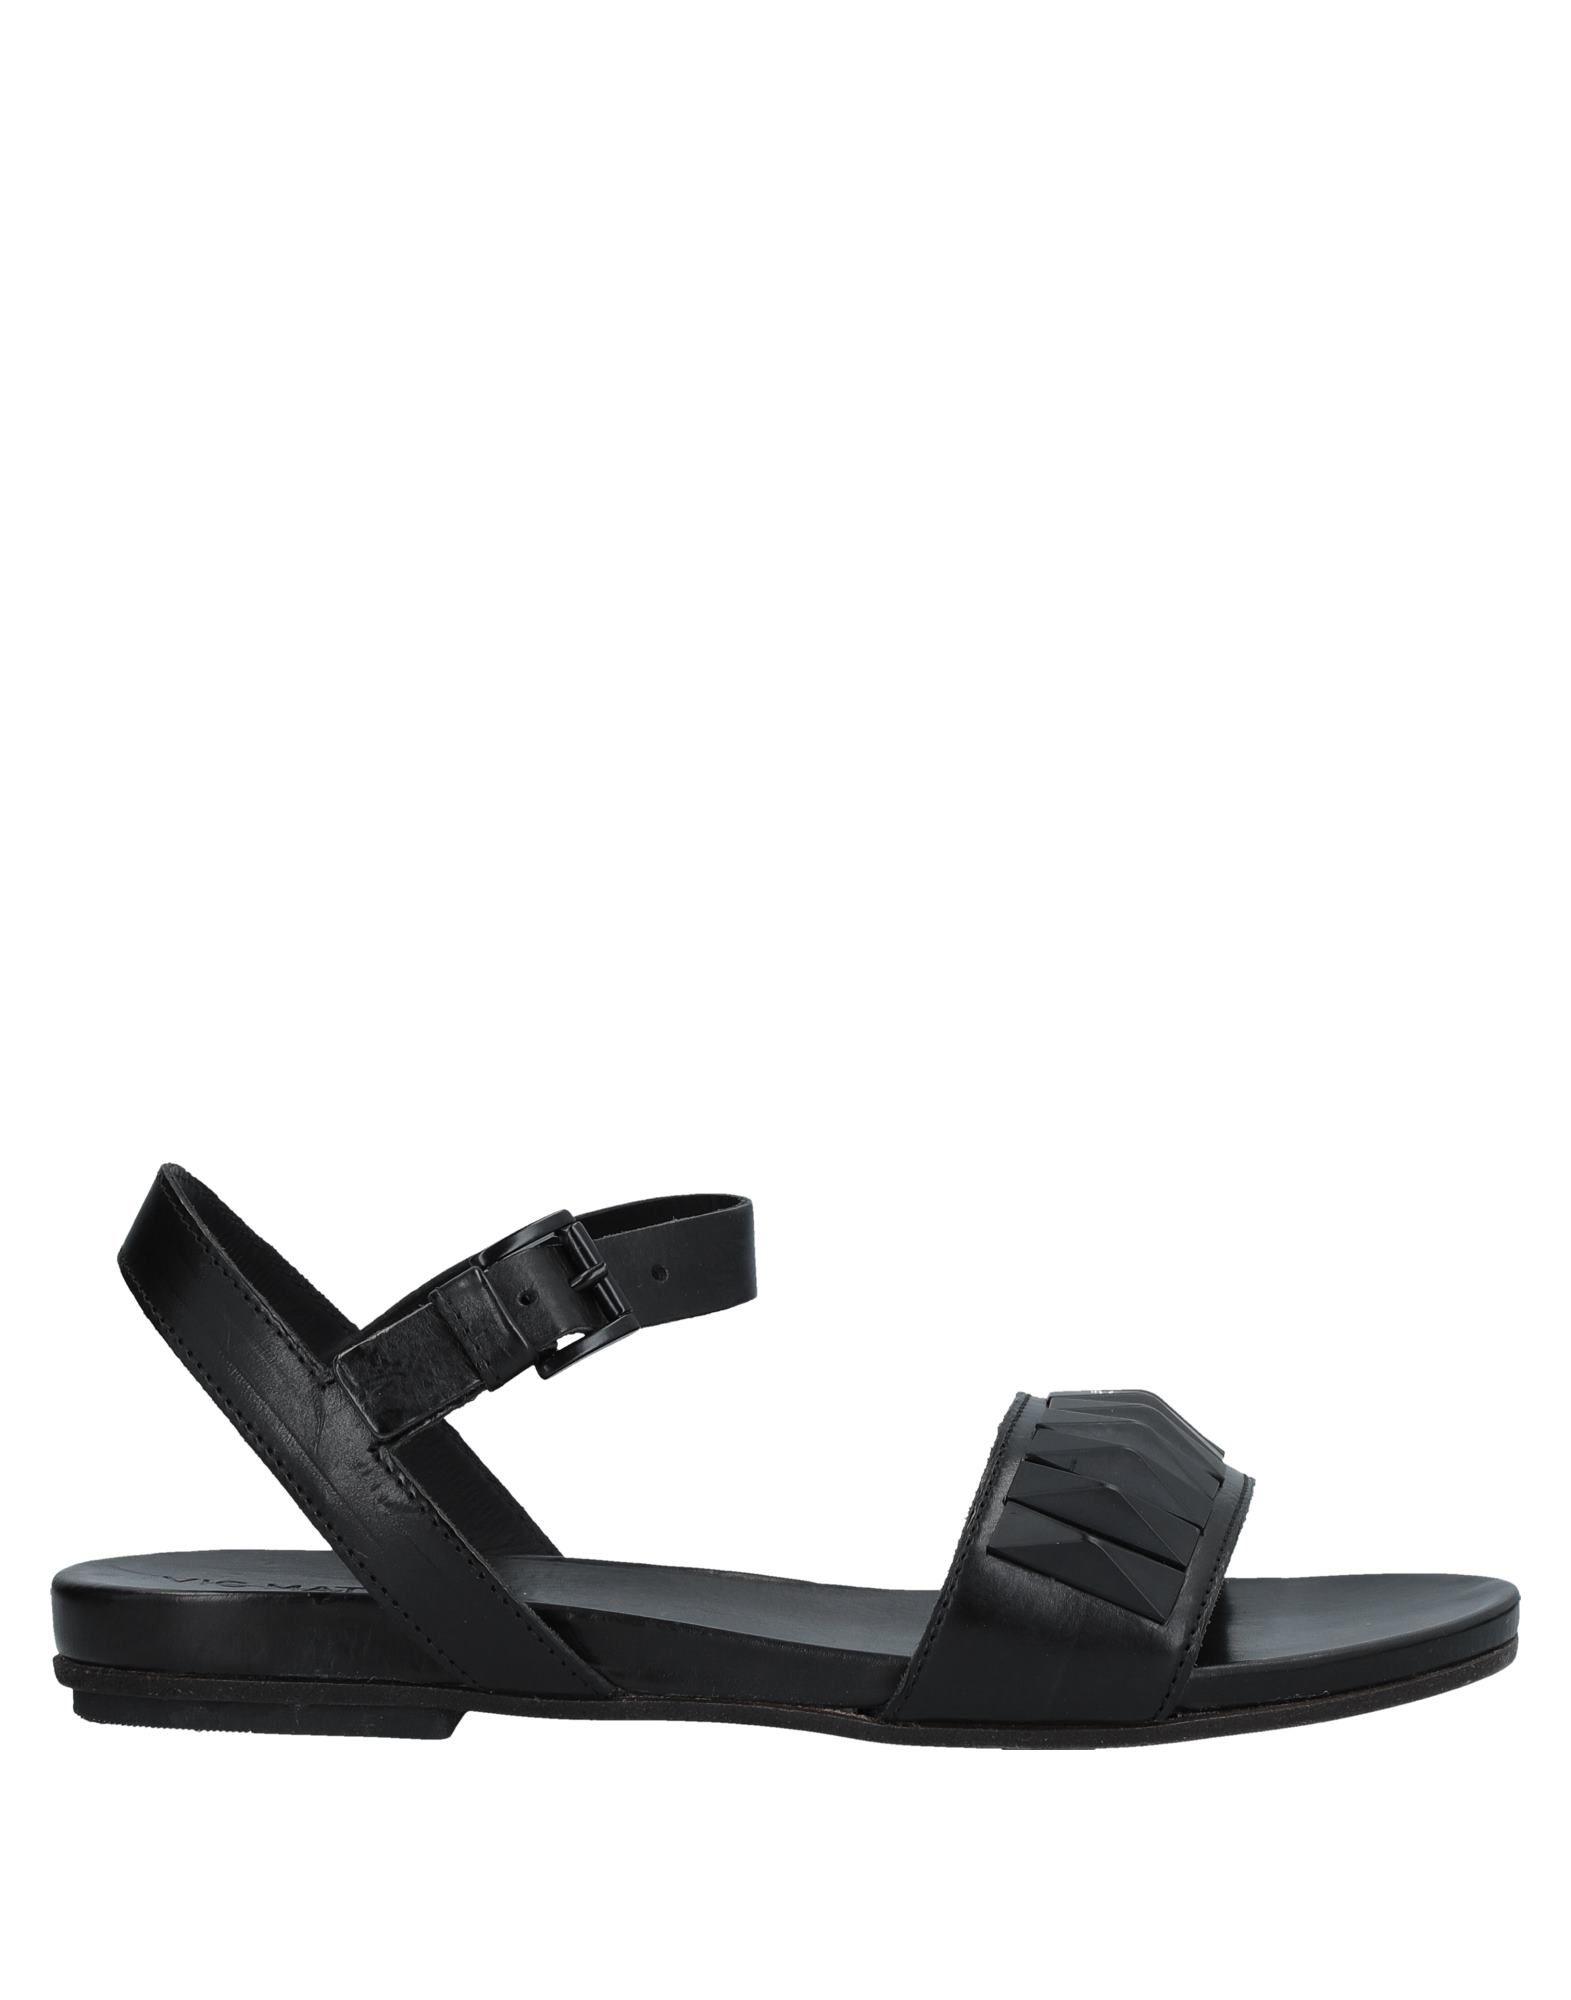 Vic Matiē Sandalen Damen  11536196UO Gute Qualität beliebte Schuhe